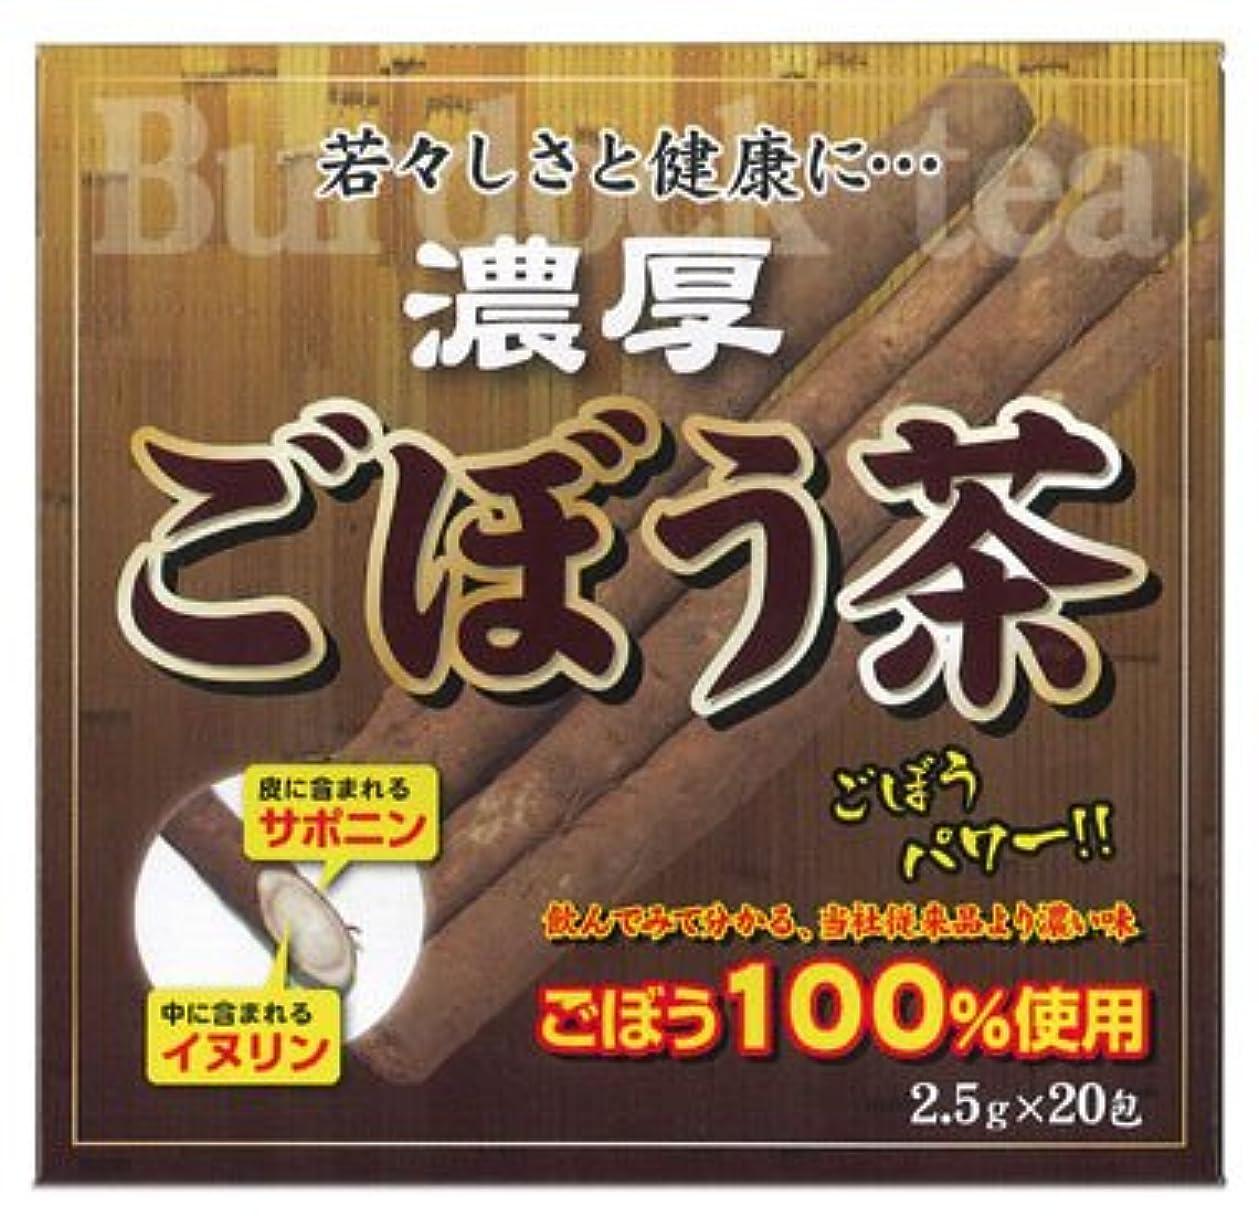 発表待って持つユーワ 濃厚ごぼう茶 2.5gX20包